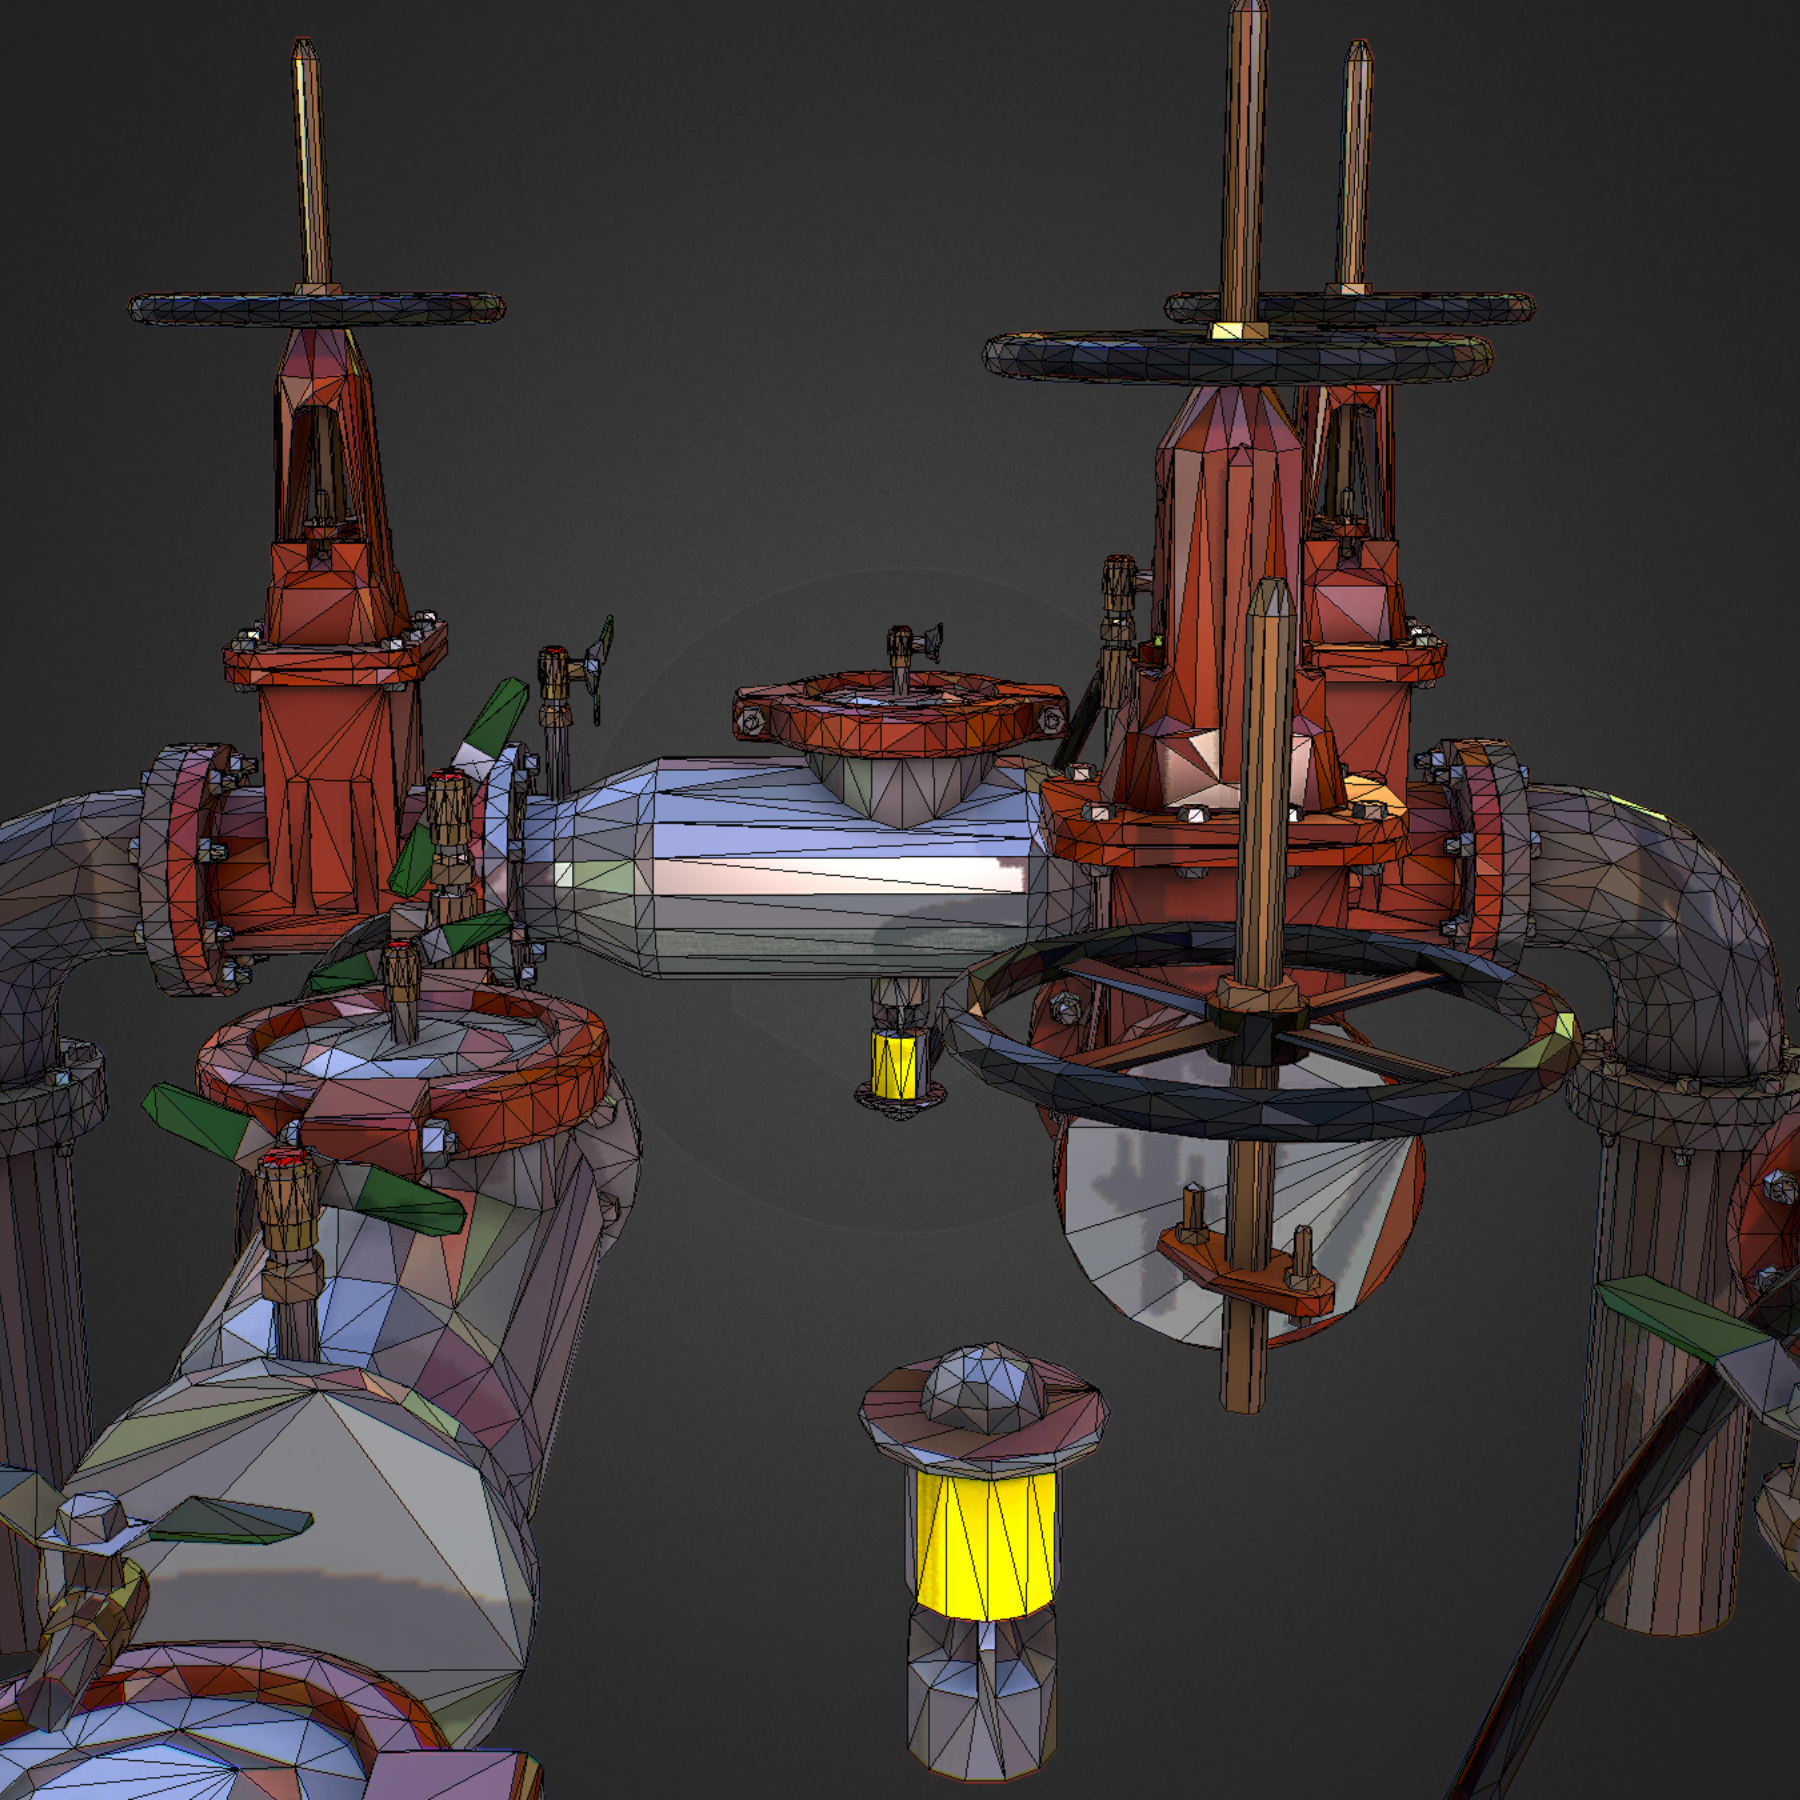 χαμηλός πολυεστιακός κατασκευαστής σωληνώσεων νερού επιστροφής ροής 3d max fbx ma mb tga targa icb vda vst pix obj 272574